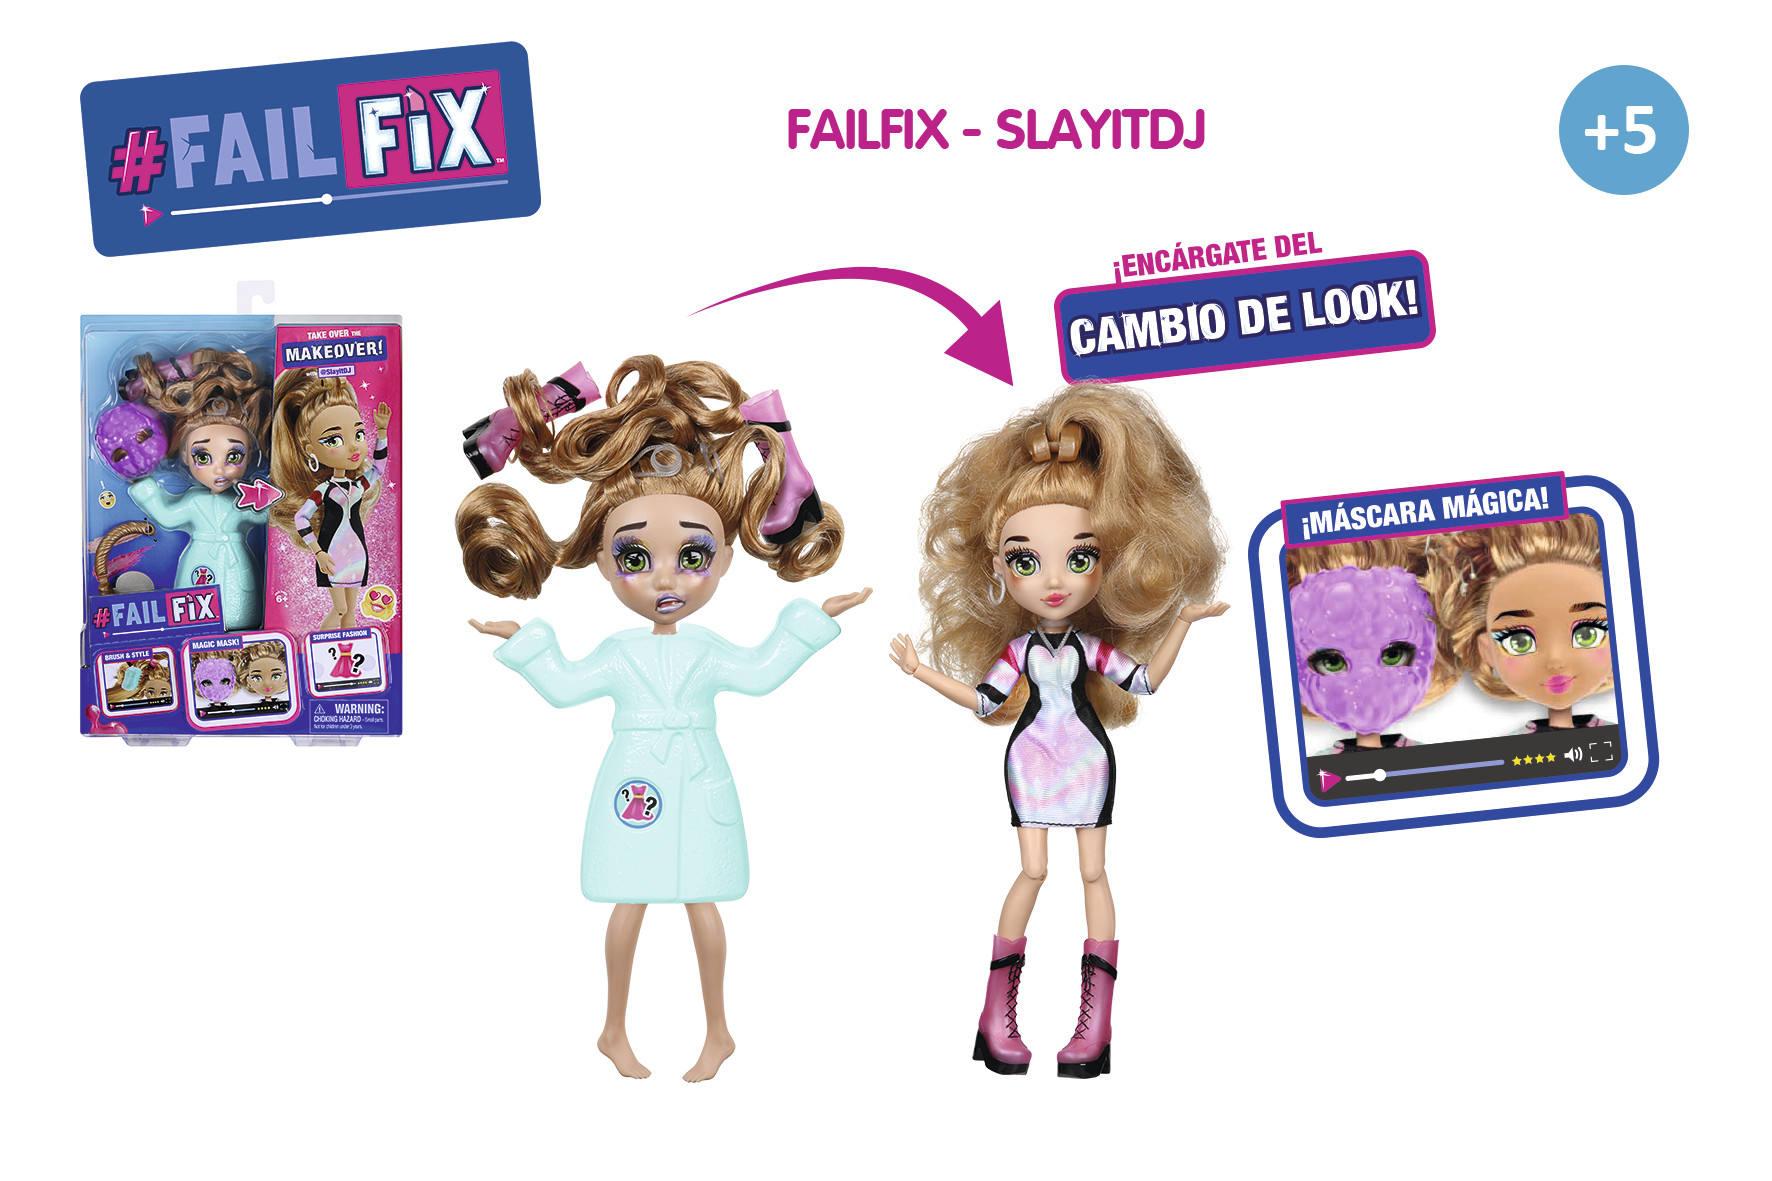 FAILFIX SLAYITDJ CAMBIA EL LOOK 16074 - N37020